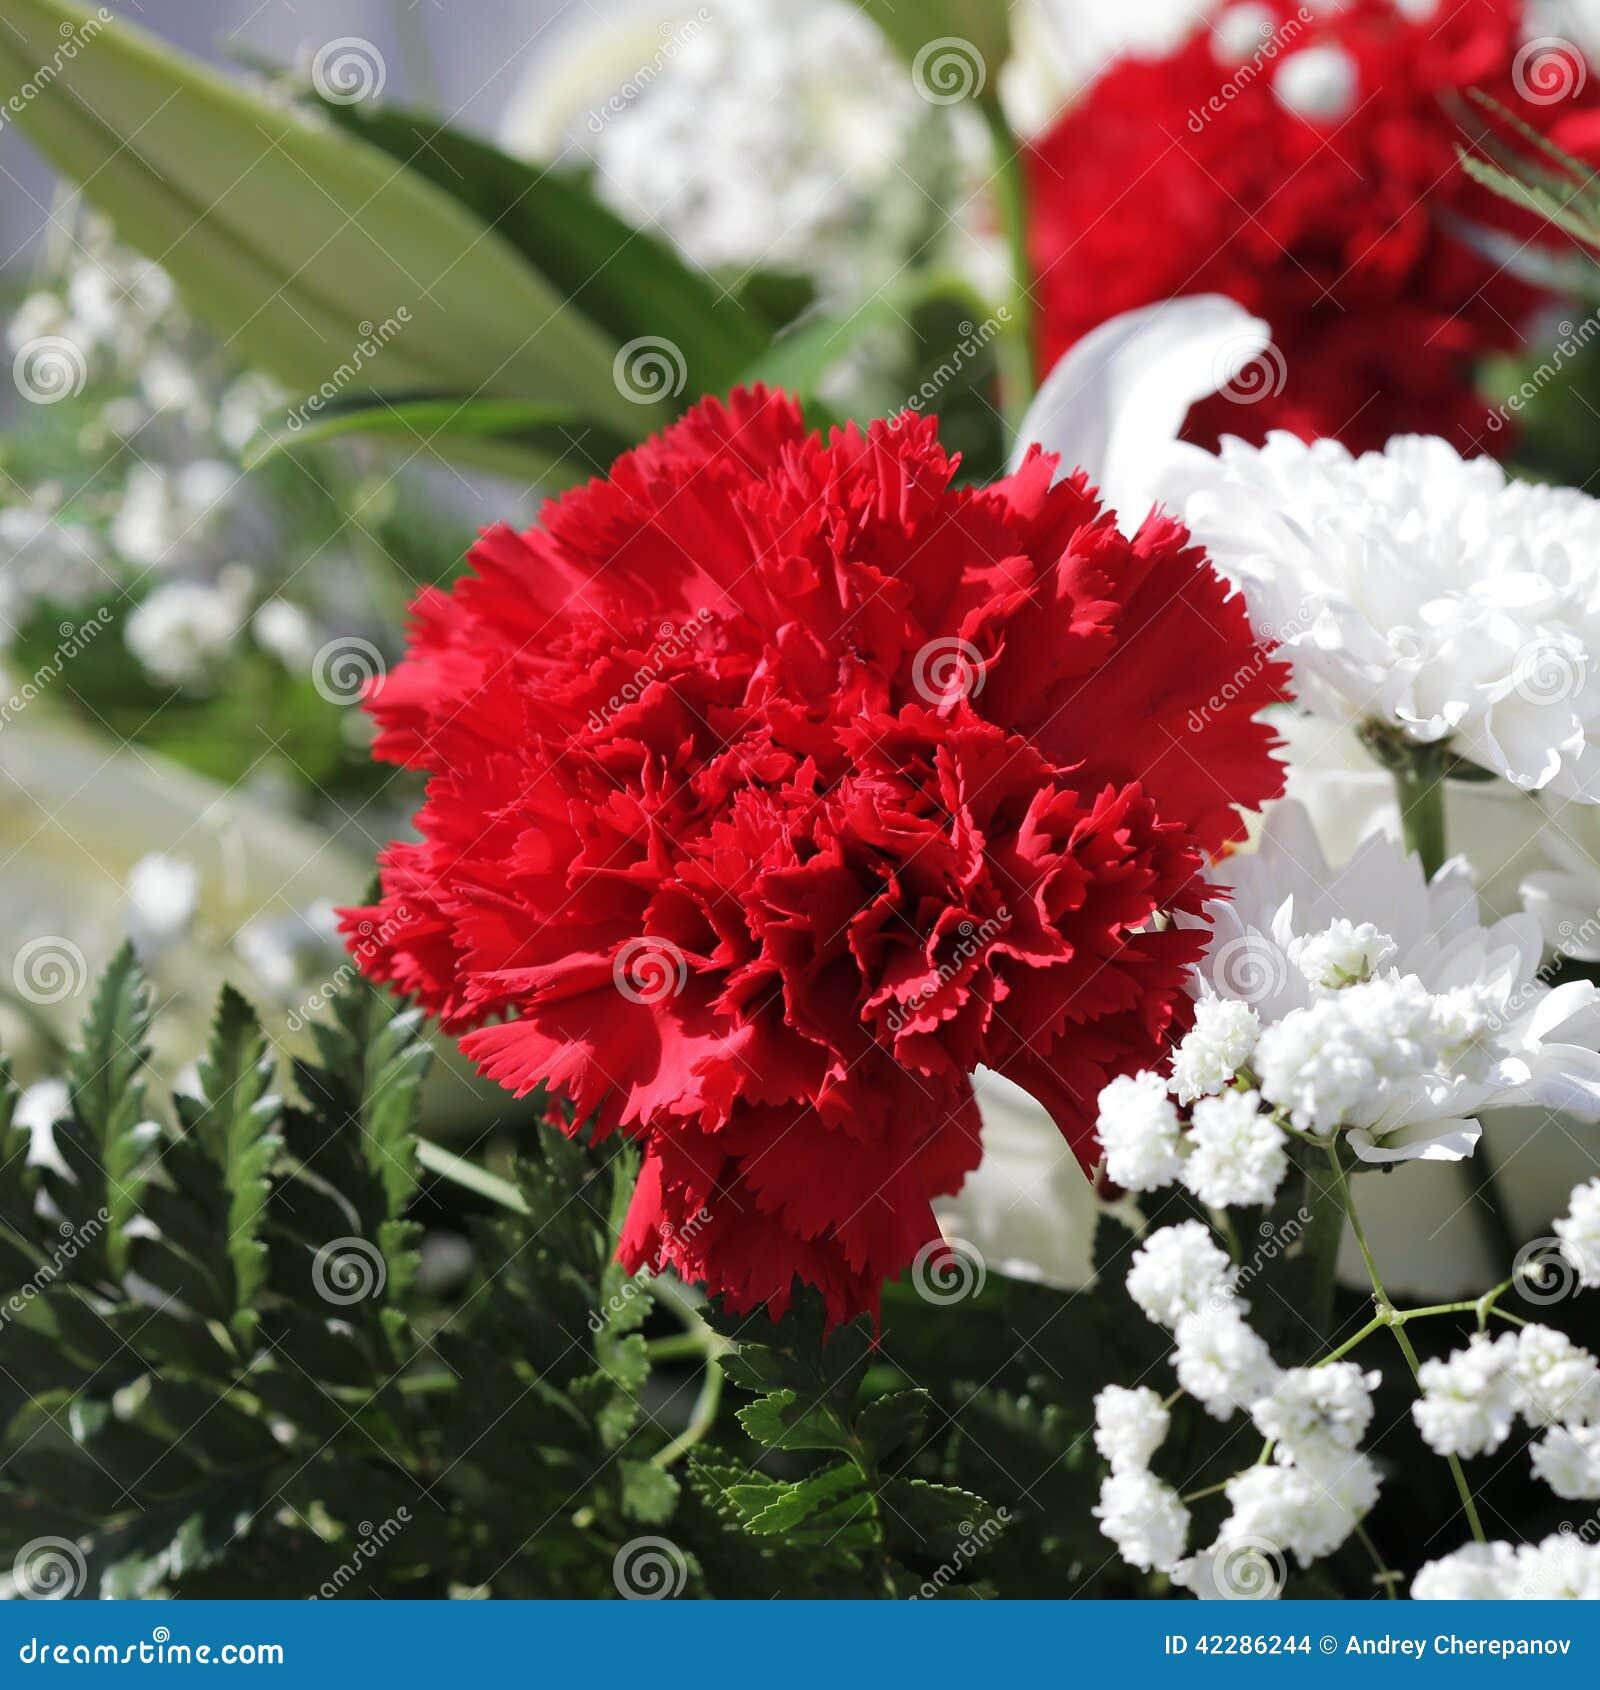 Unusual beautiful white and red flowers background stock photo download unusual beautiful white and red flowers background stock photo image of flower purple izmirmasajfo